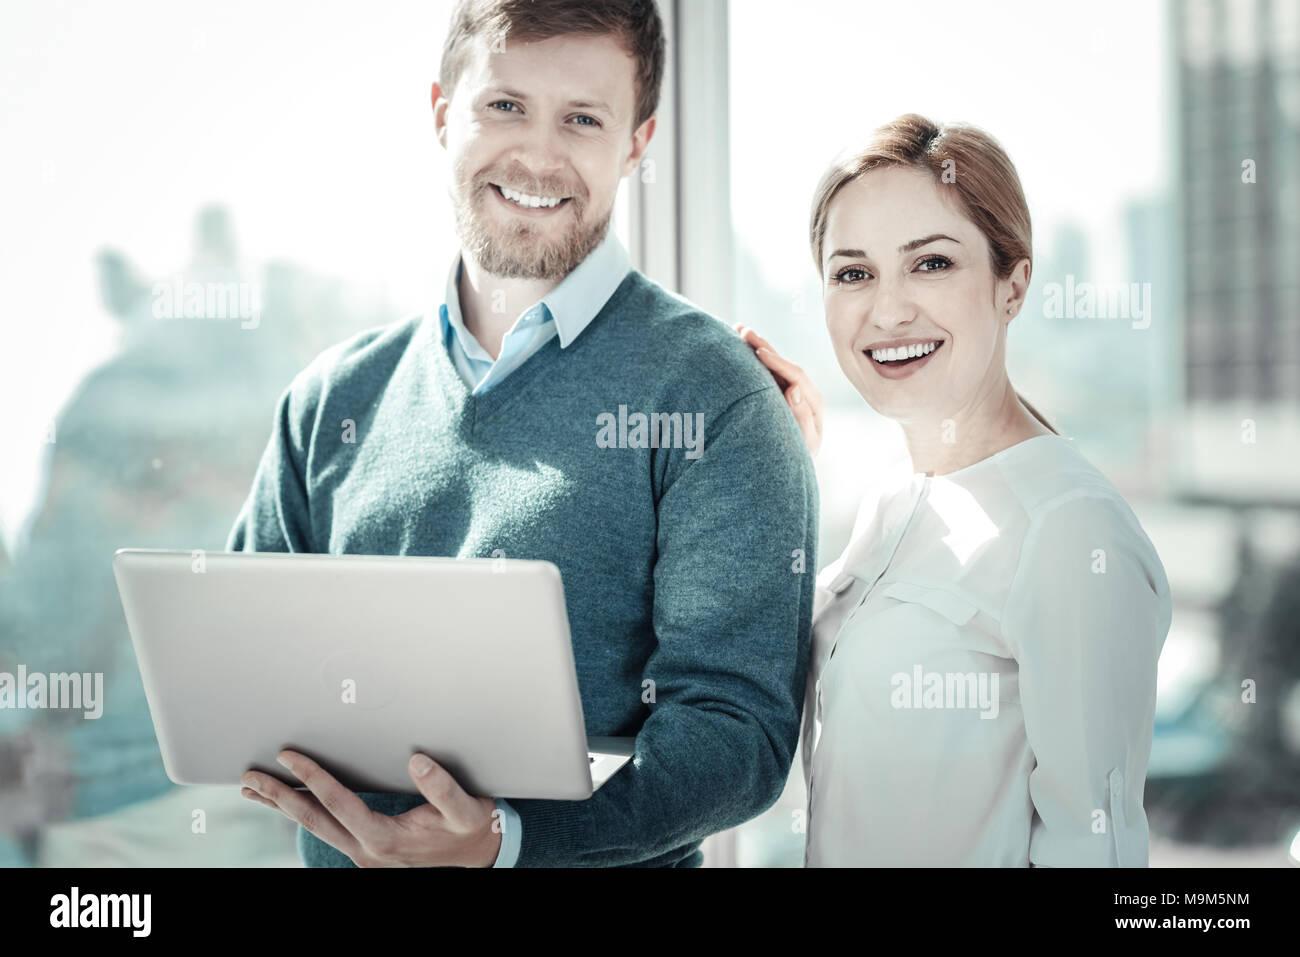 Angenehme verantwortlichen Kollegen stehen und lächelte. Stockbild